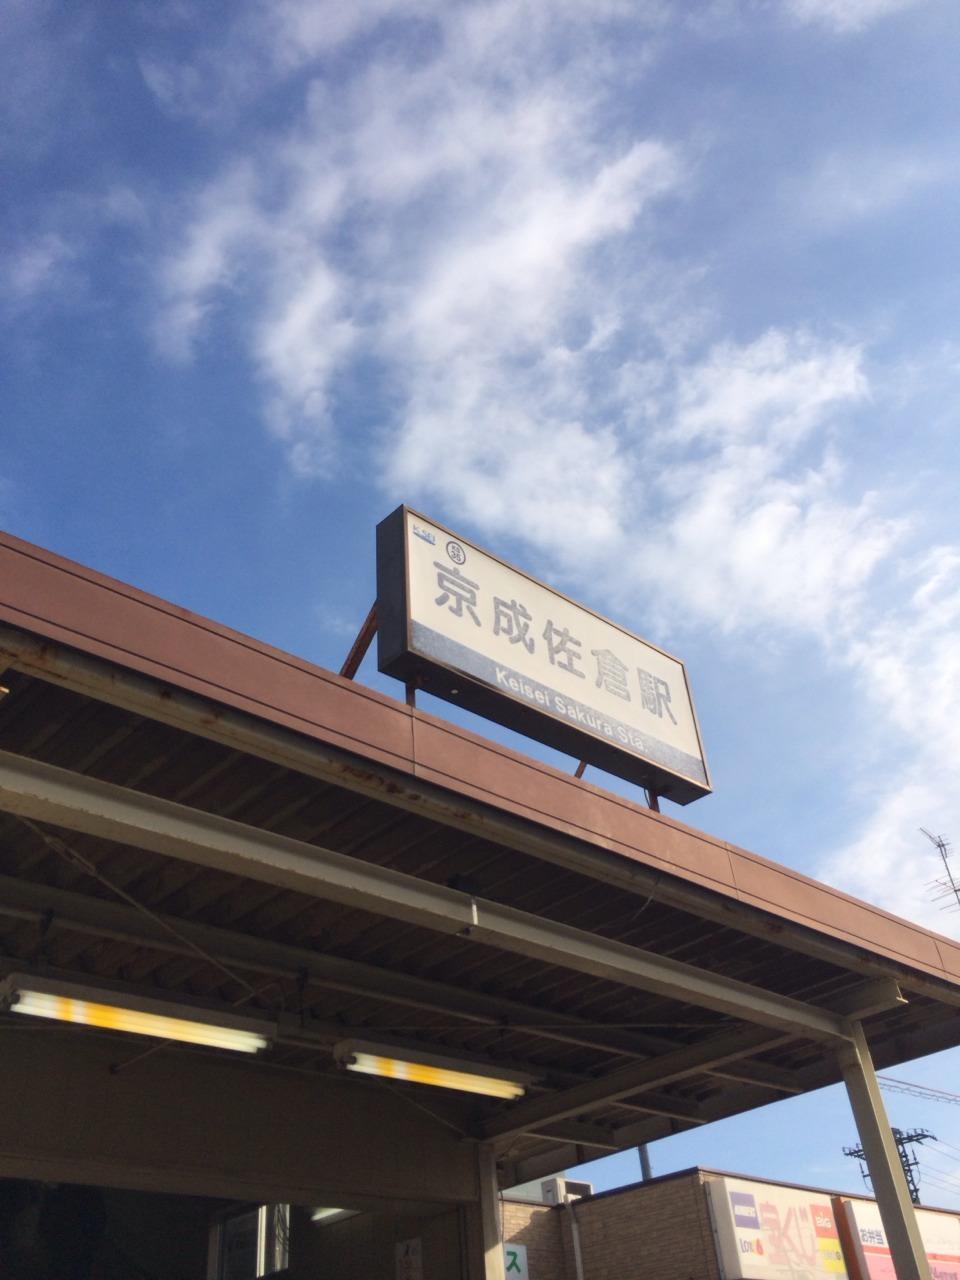 弱虫ペダル×佐倉市 ... : 自転車部 高校 千葉 : 自転車の